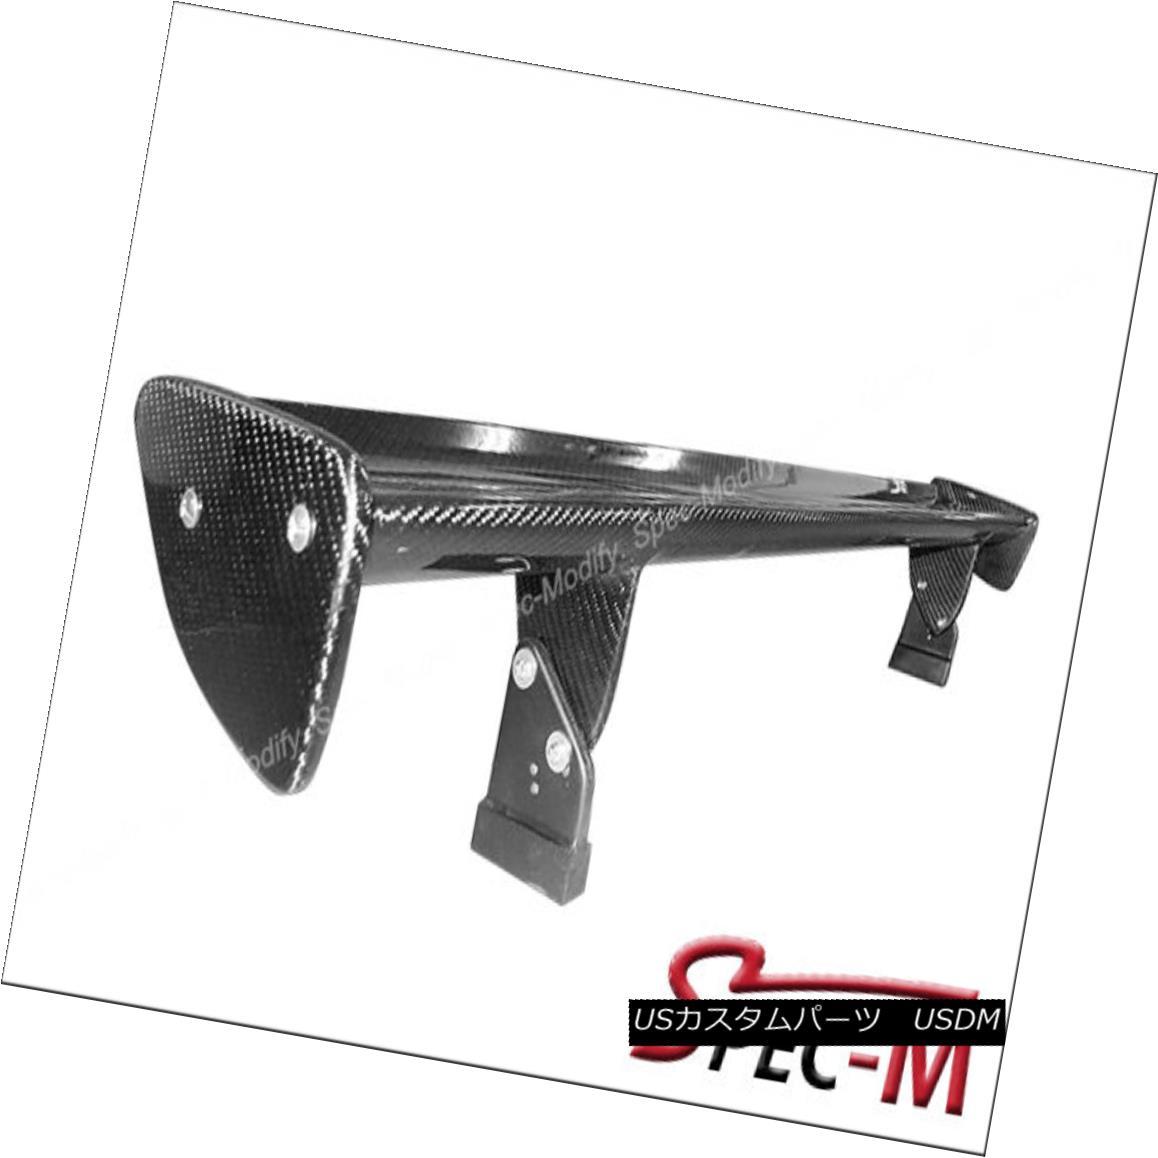 エアロパーツ GTS Style Carbon Fiber Rear Trunk Spoiler Wing for 2007+ 328i 335i M3 Coupe 2007年の328i 335i M3クーペのGTSスタイルカーボンファイバーリアトランクスポイラーウィング